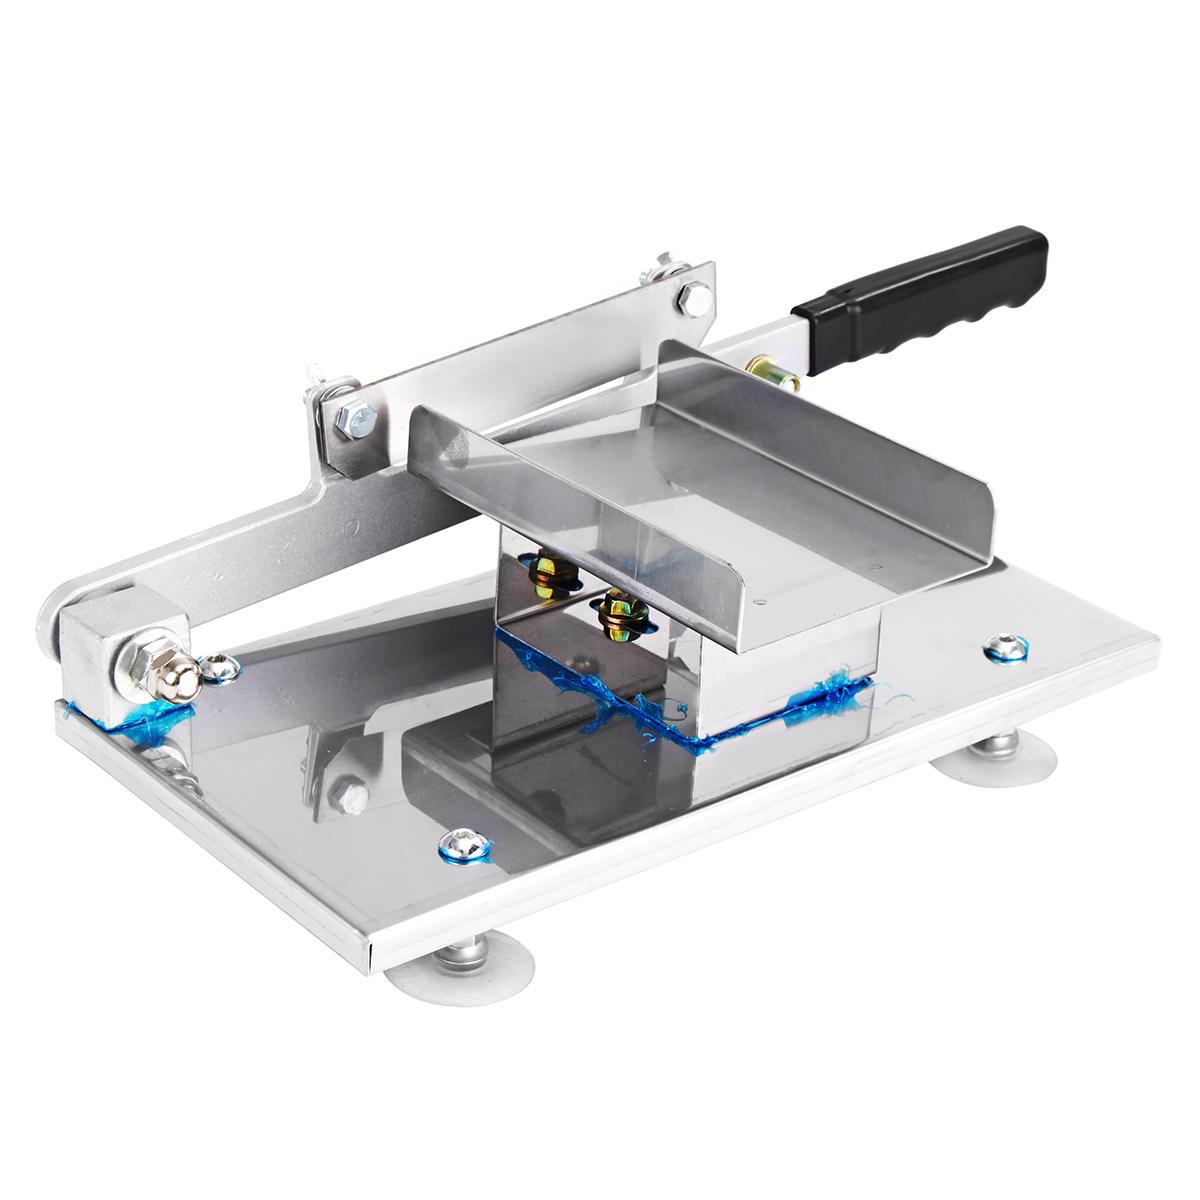 Business & Industrial Adjustable Manual Frozen Food Meat Slicer ...